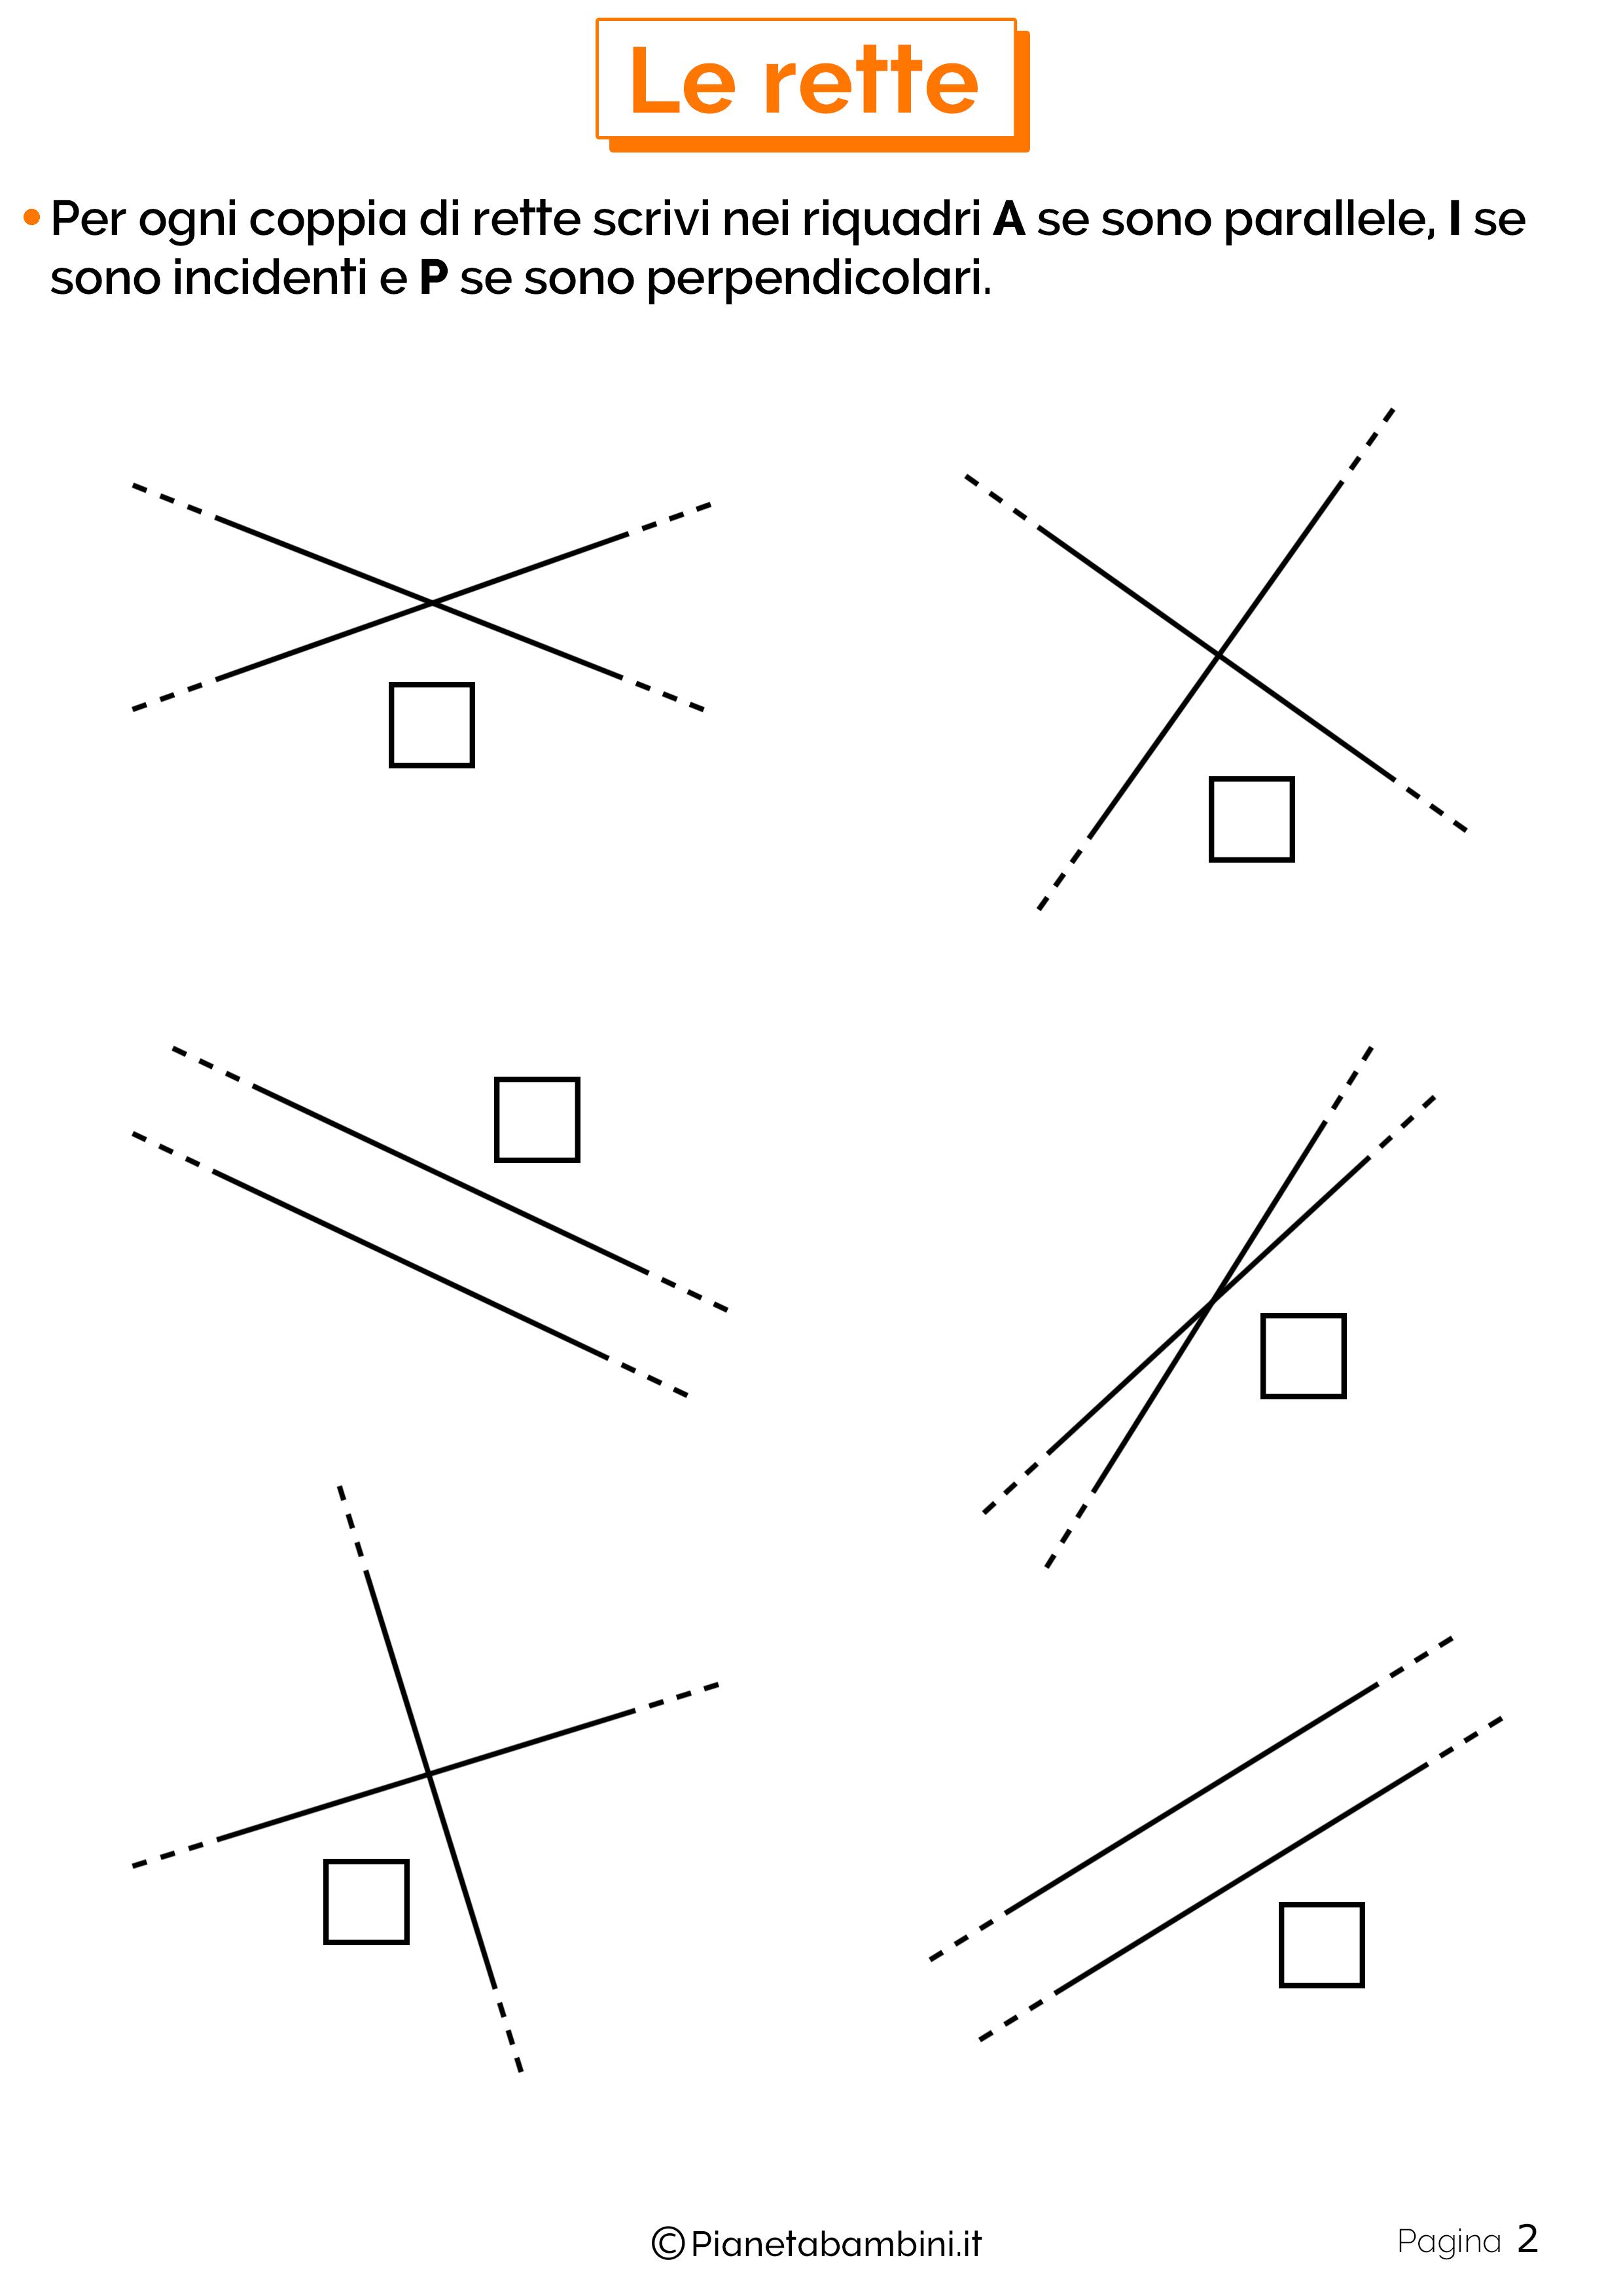 Schede didattiche sulle rette 2